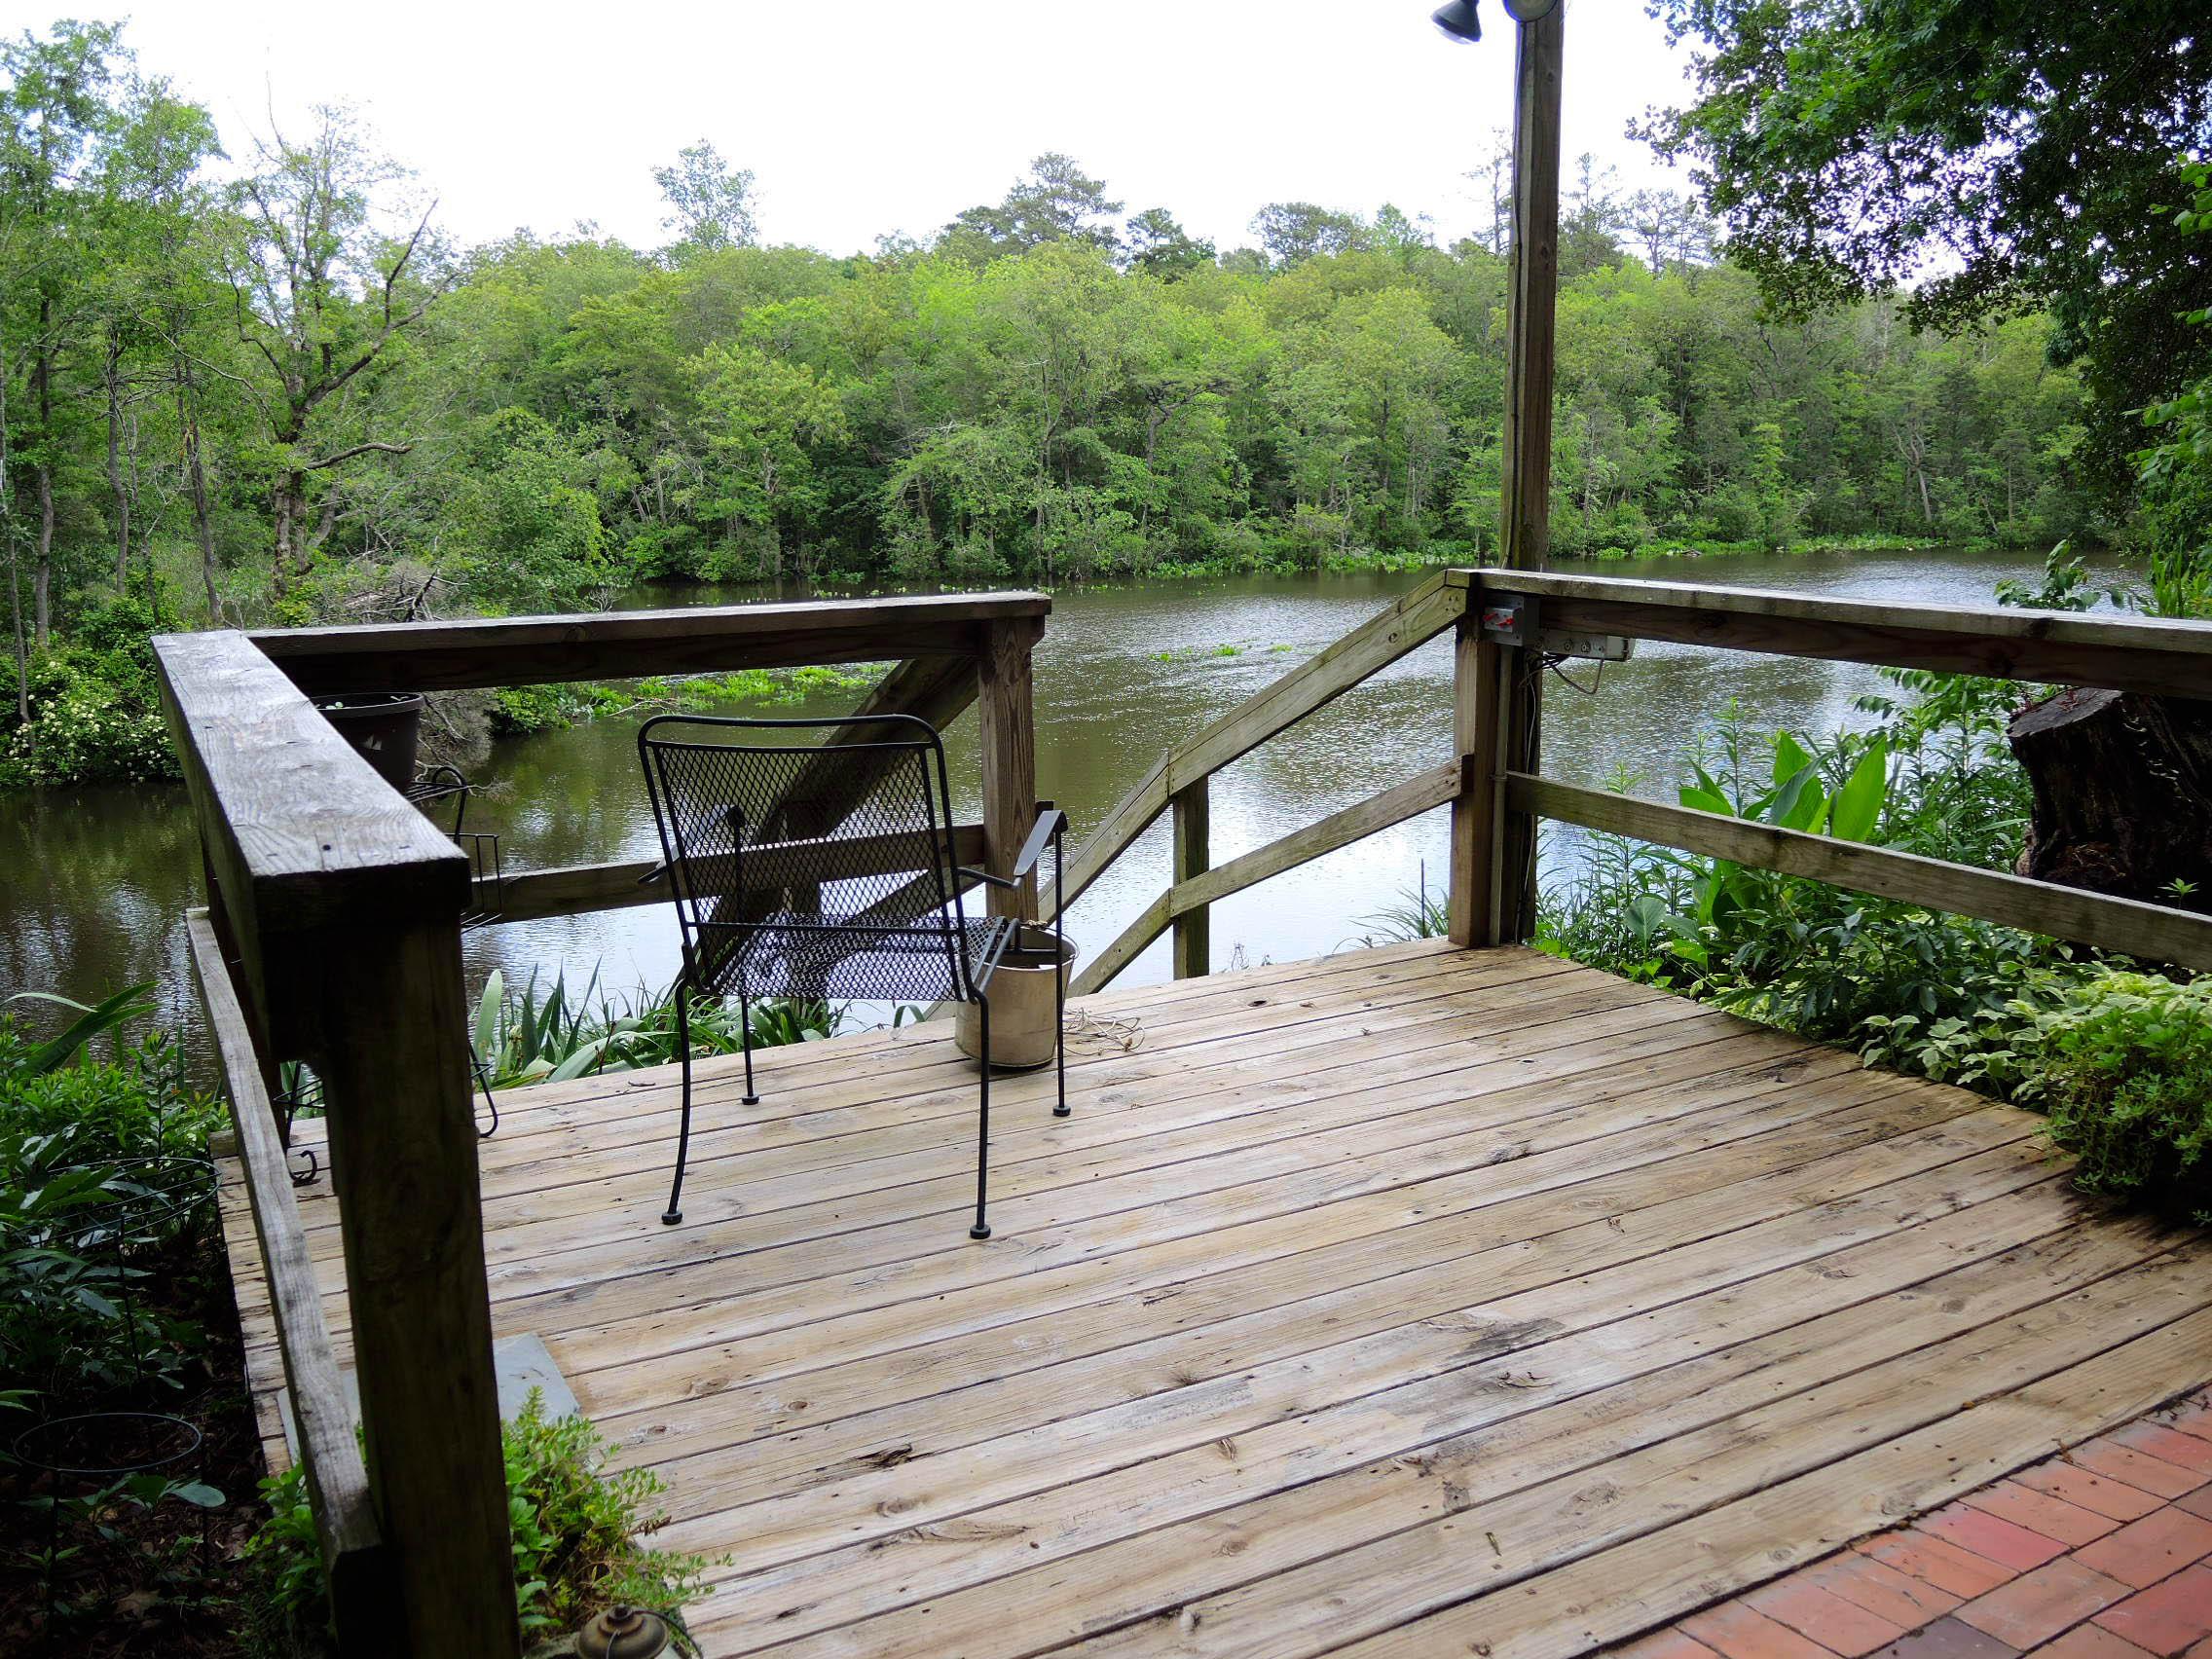 DSCN9895 - Sandi -  river upper deck.jpg